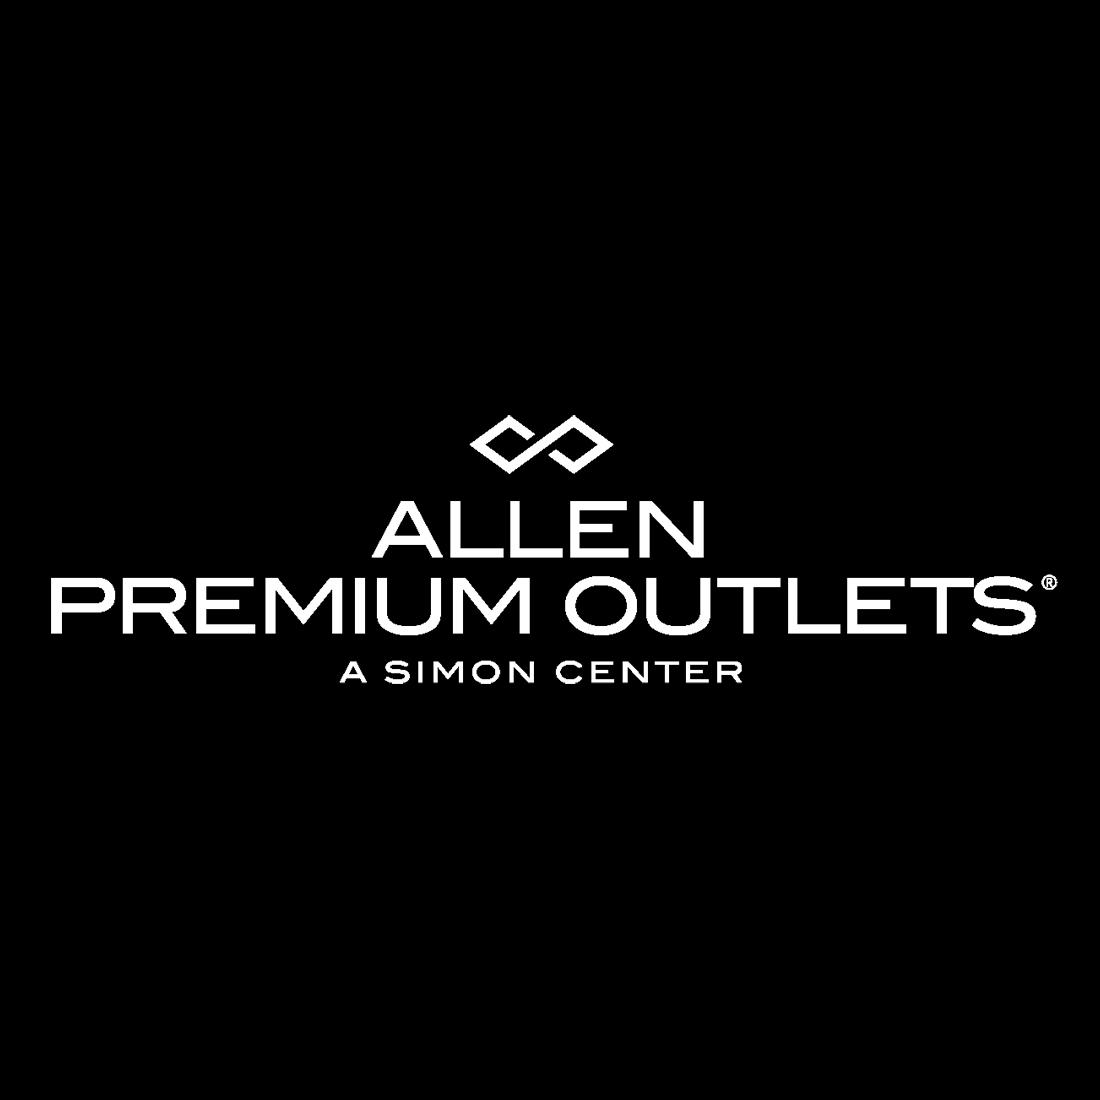 Allen Premium Outlets